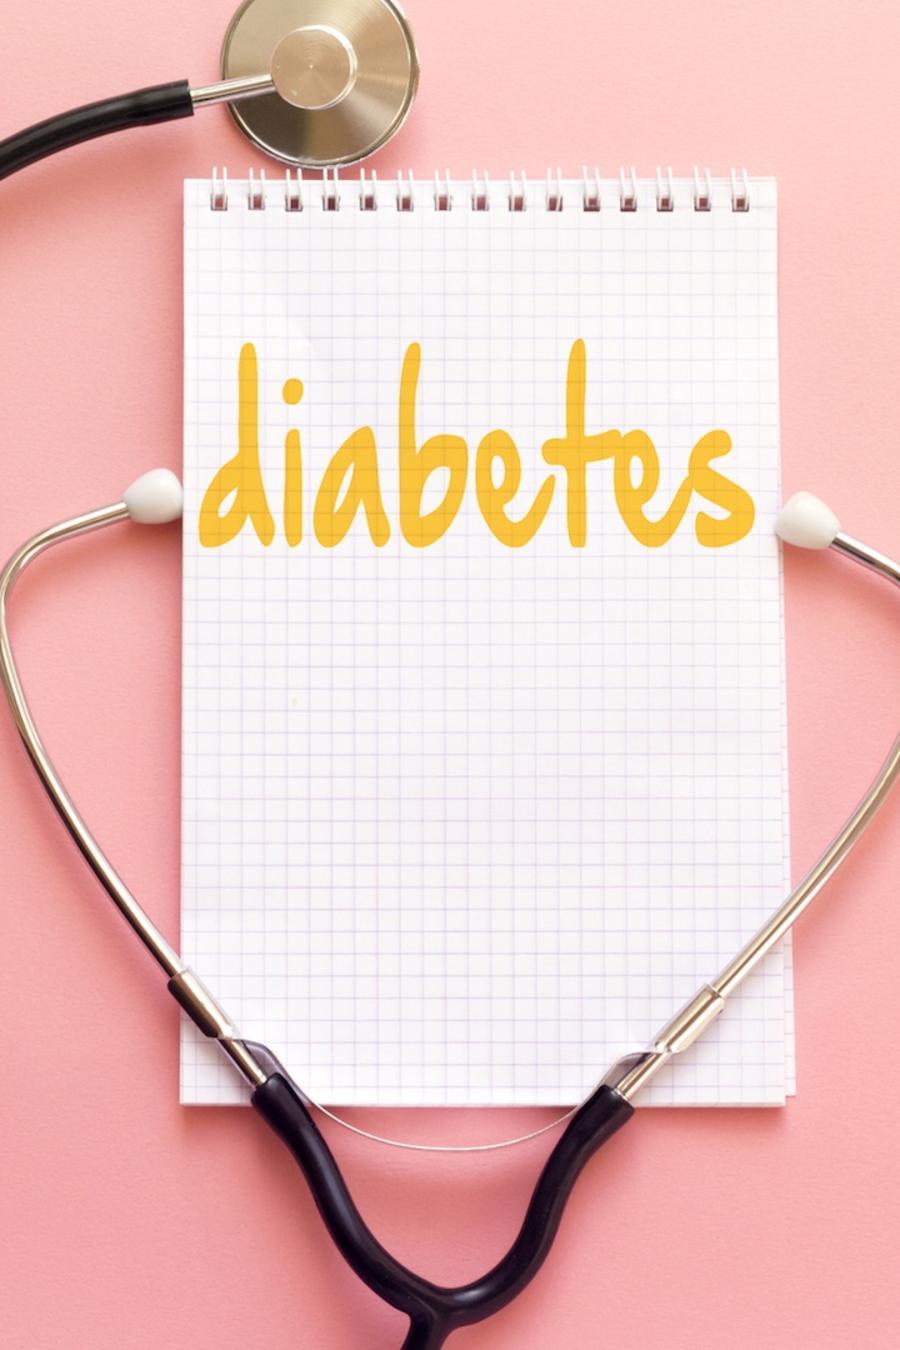 Estetoscopio y diabetes anotado